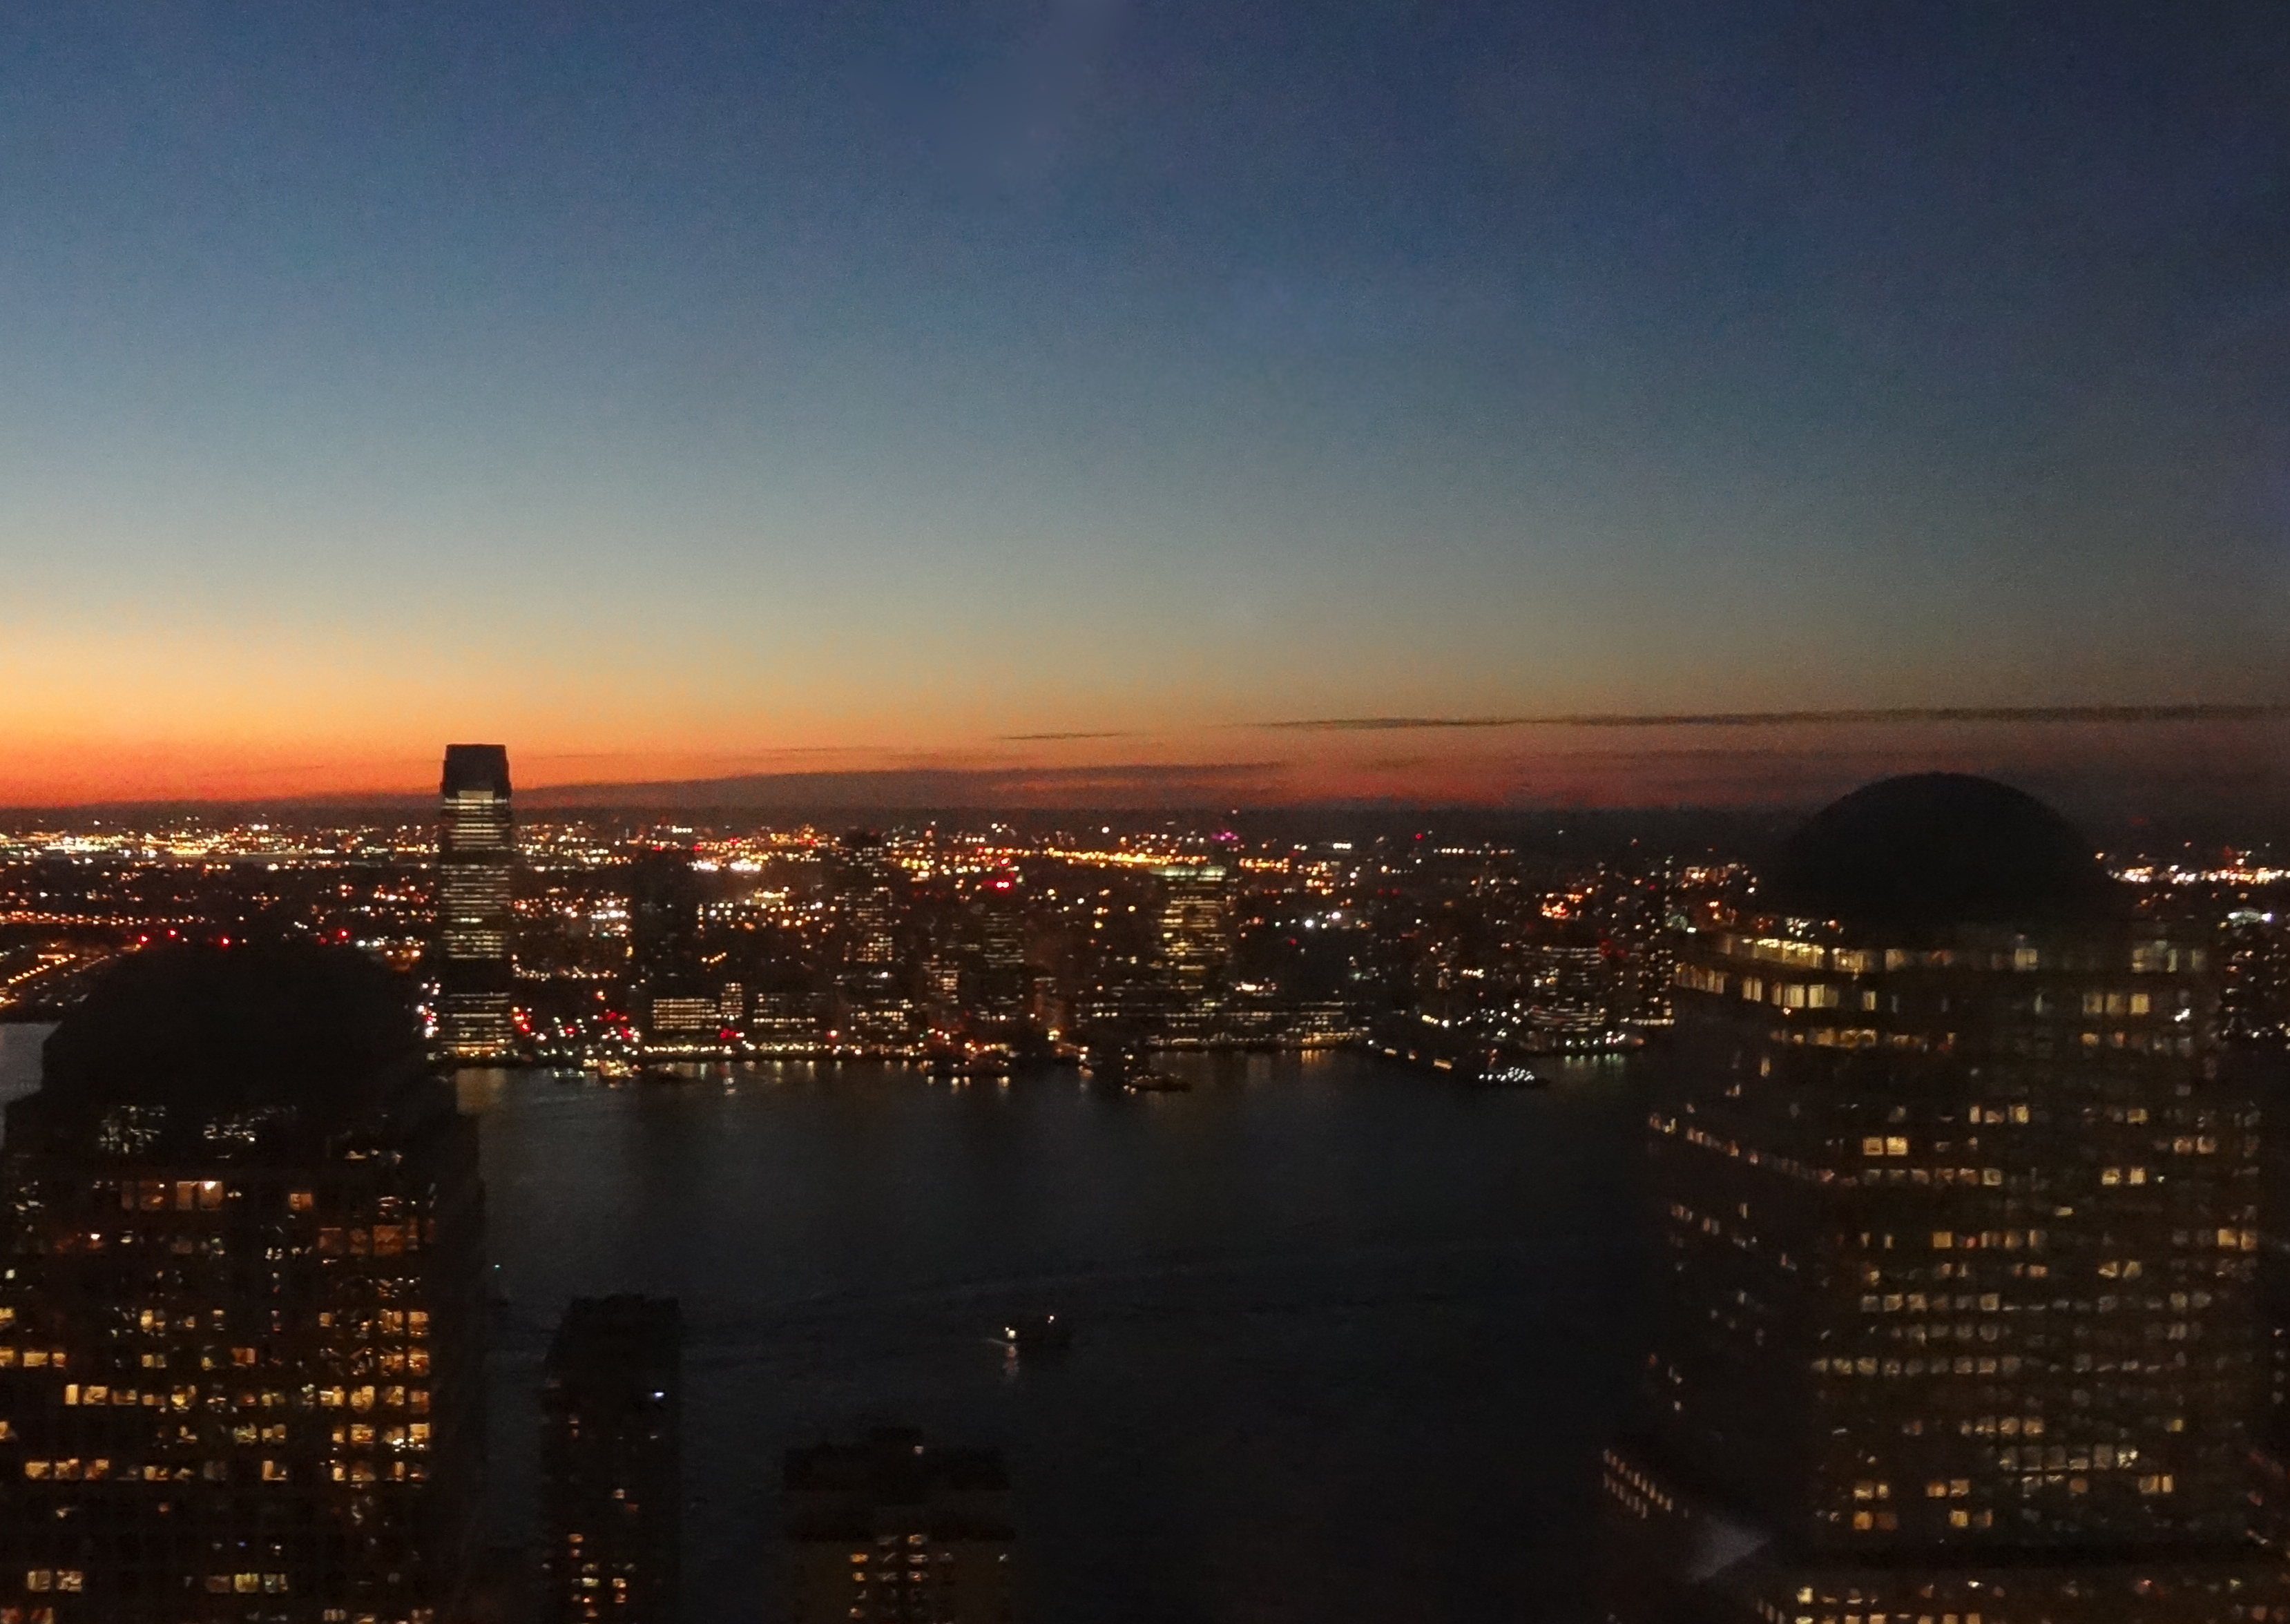 West from floor 50 of 4 WTC